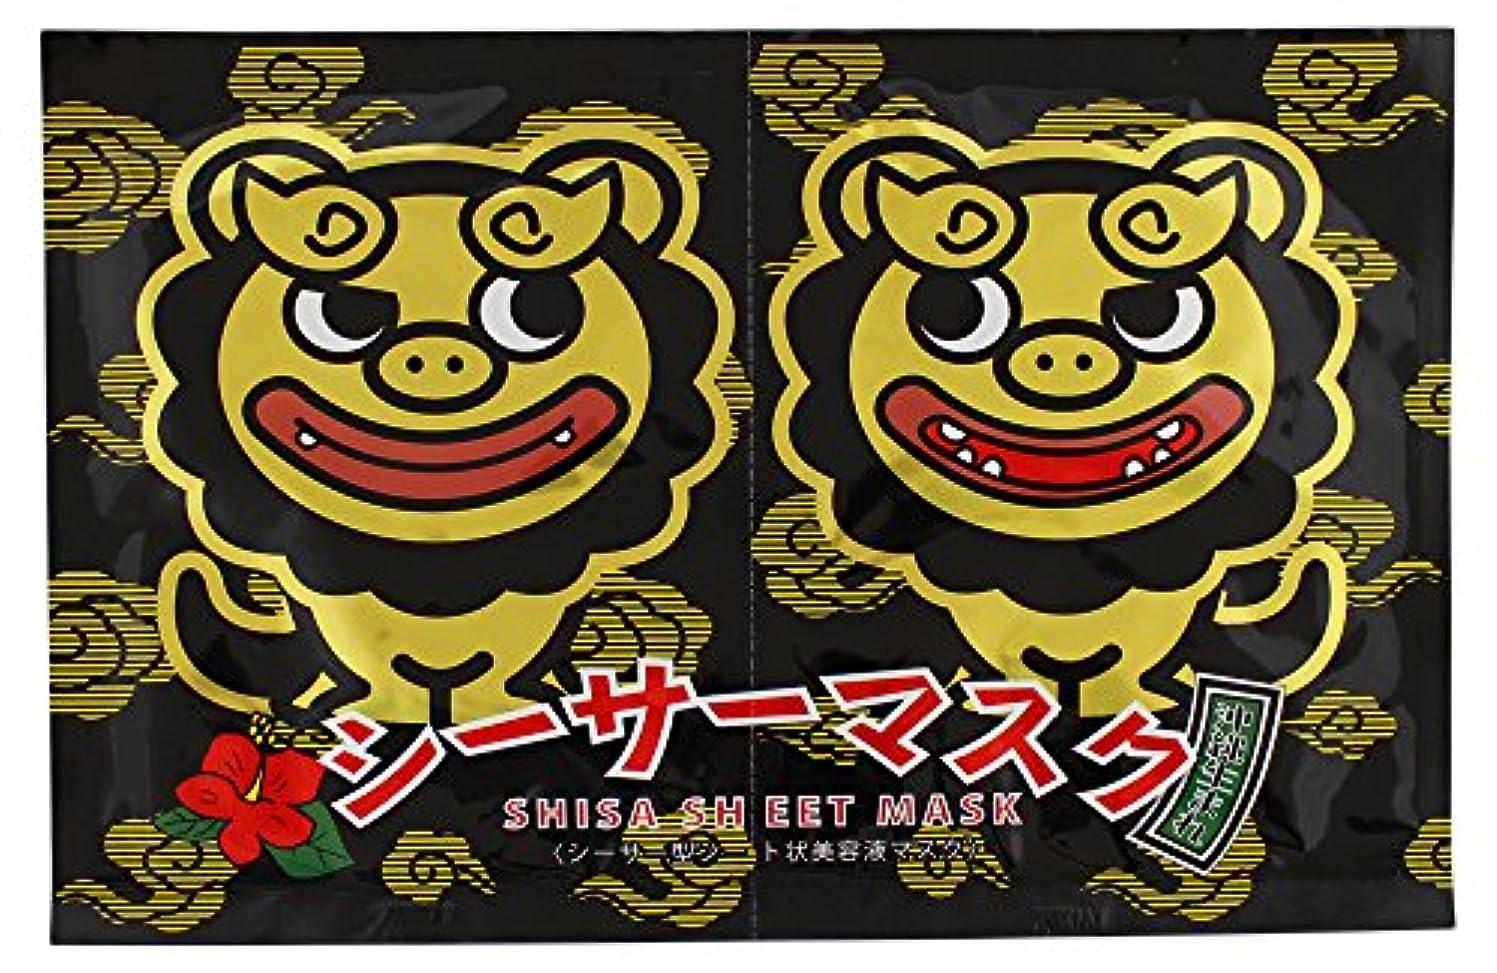 アーカイブ眩惑する思い出すシーサーマスク(黒) 10パック(20シート)